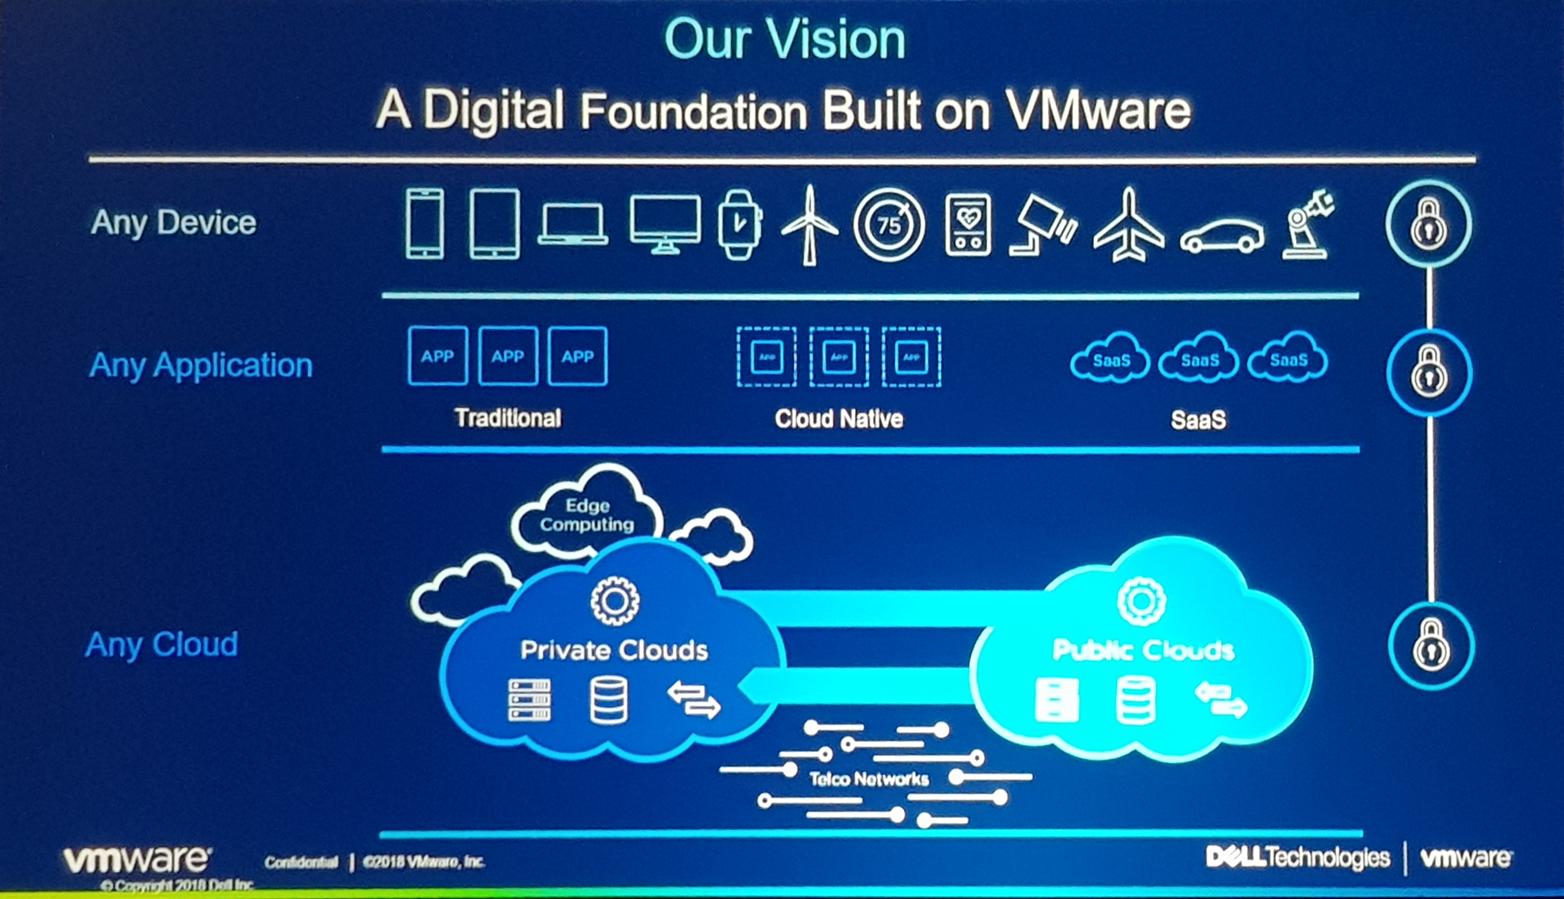 La strategia di VMware